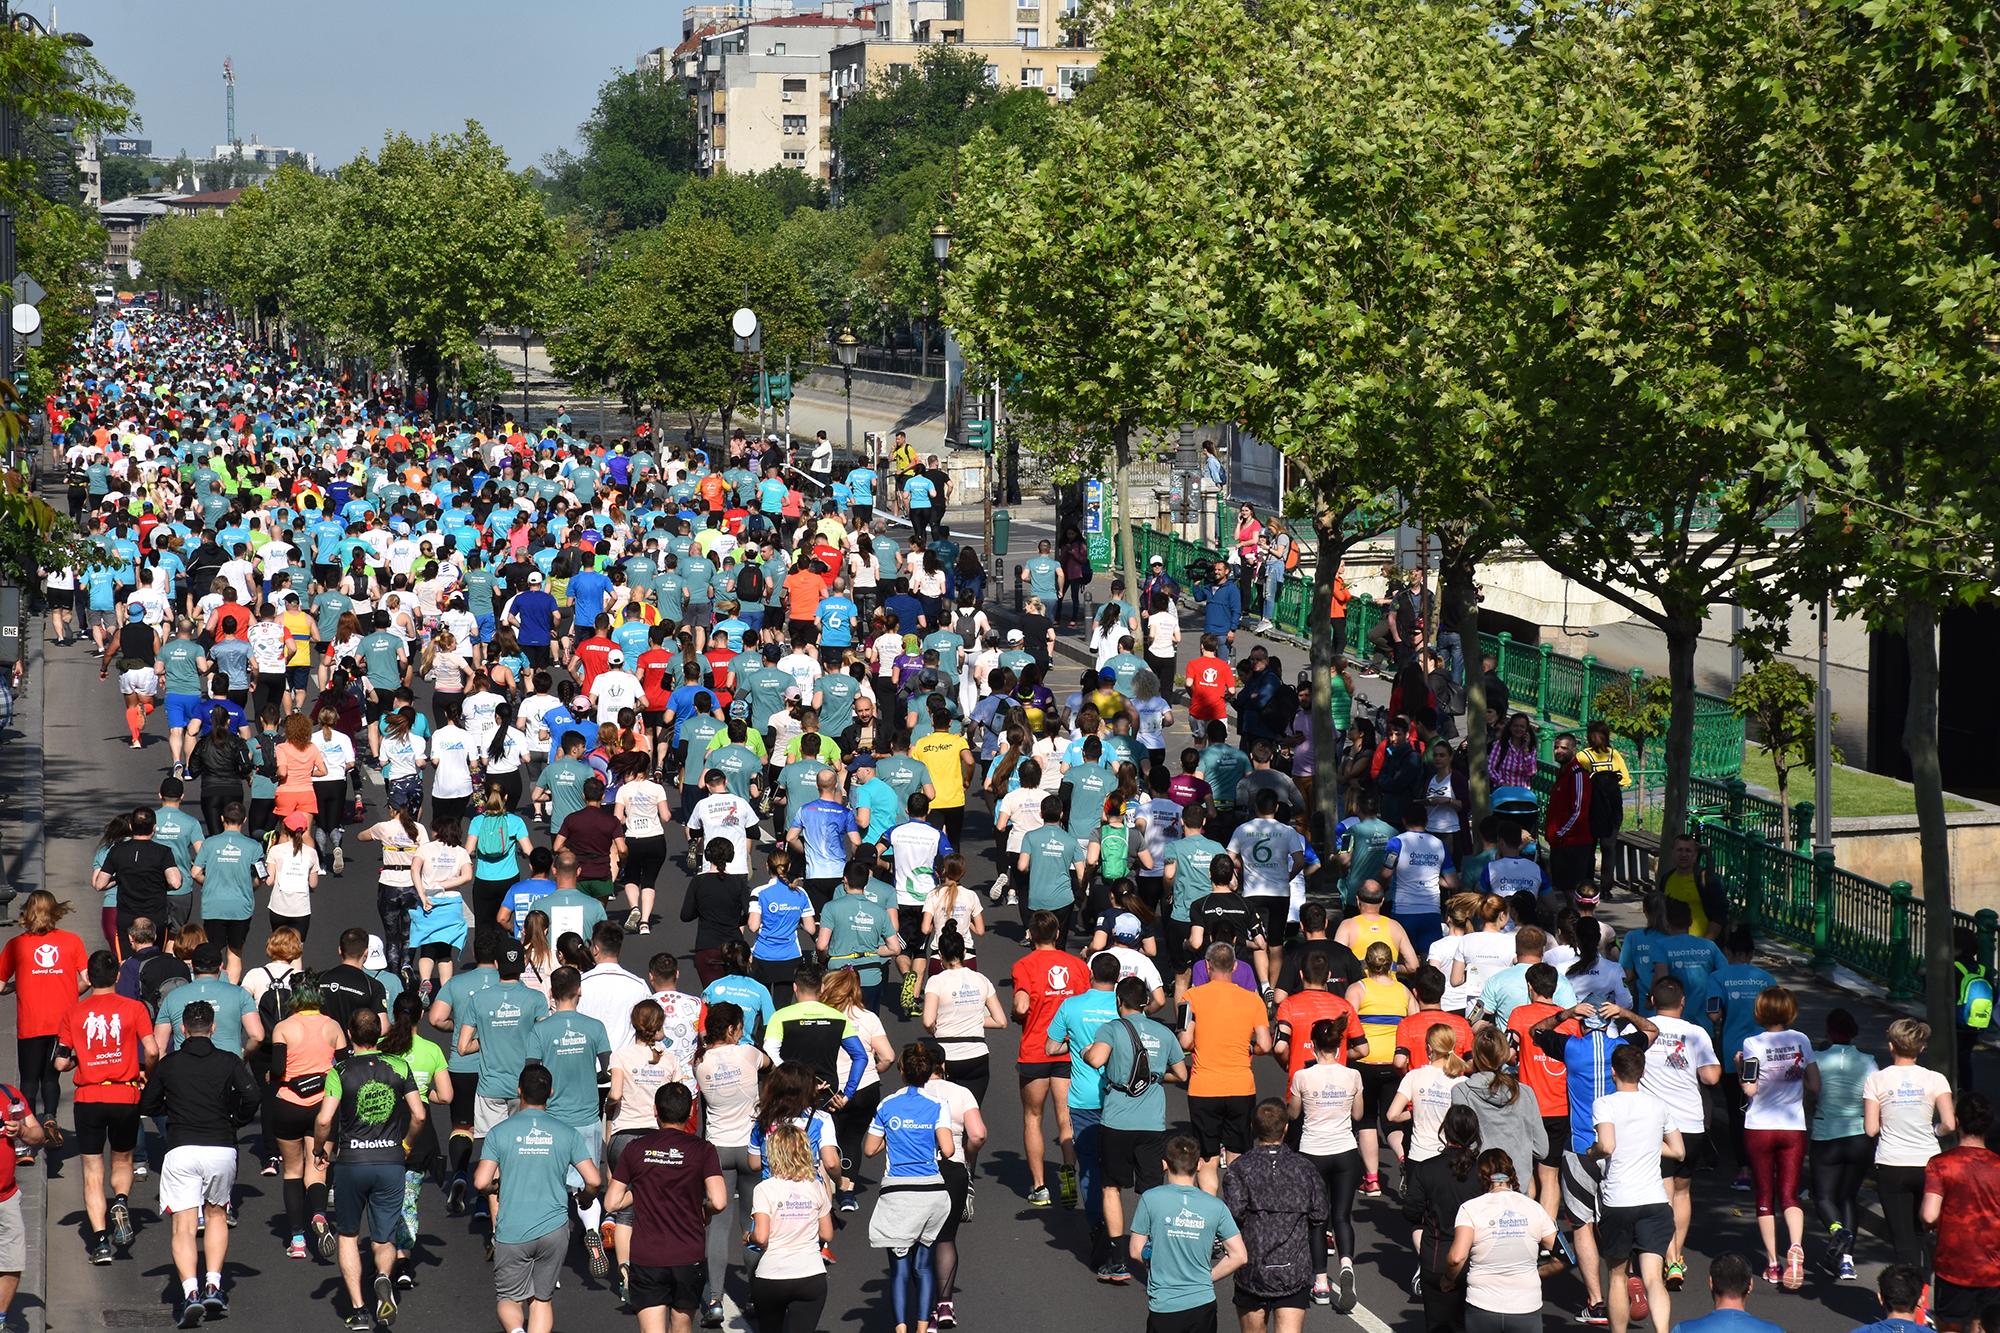 Restricționarea traficului rutier pe perioada derulării celei de-a 10-a ediții a Semimaratonului București